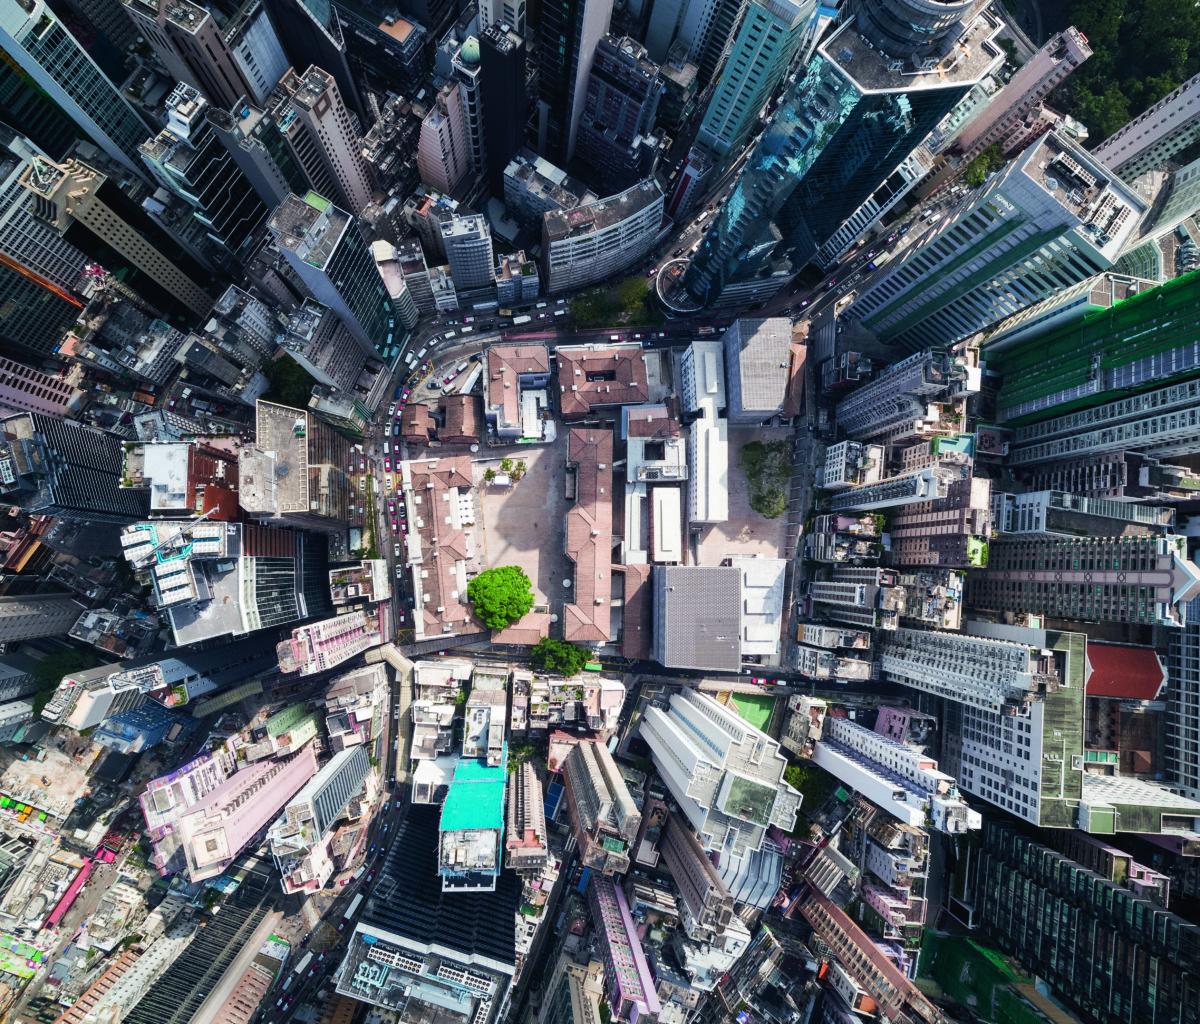 從高空可見大館位處中環的心臟地帶,與旁邊的高樓大廈形成強烈對比。